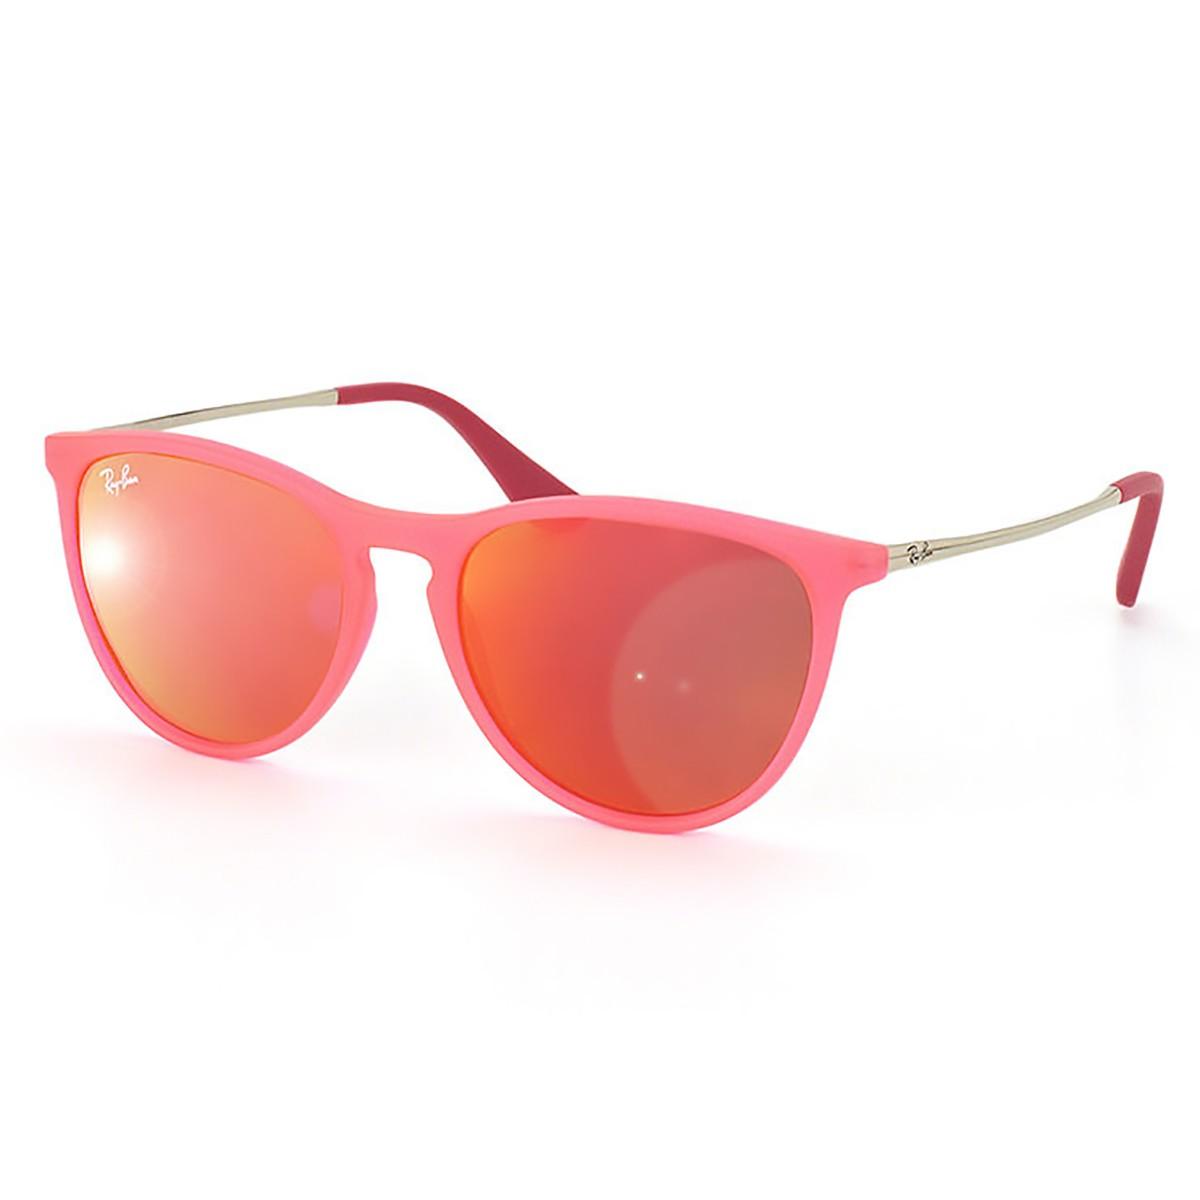 04f828b03 Óculos de Sol Infantil Ray Ban Erika | Tri-Jóia Shop